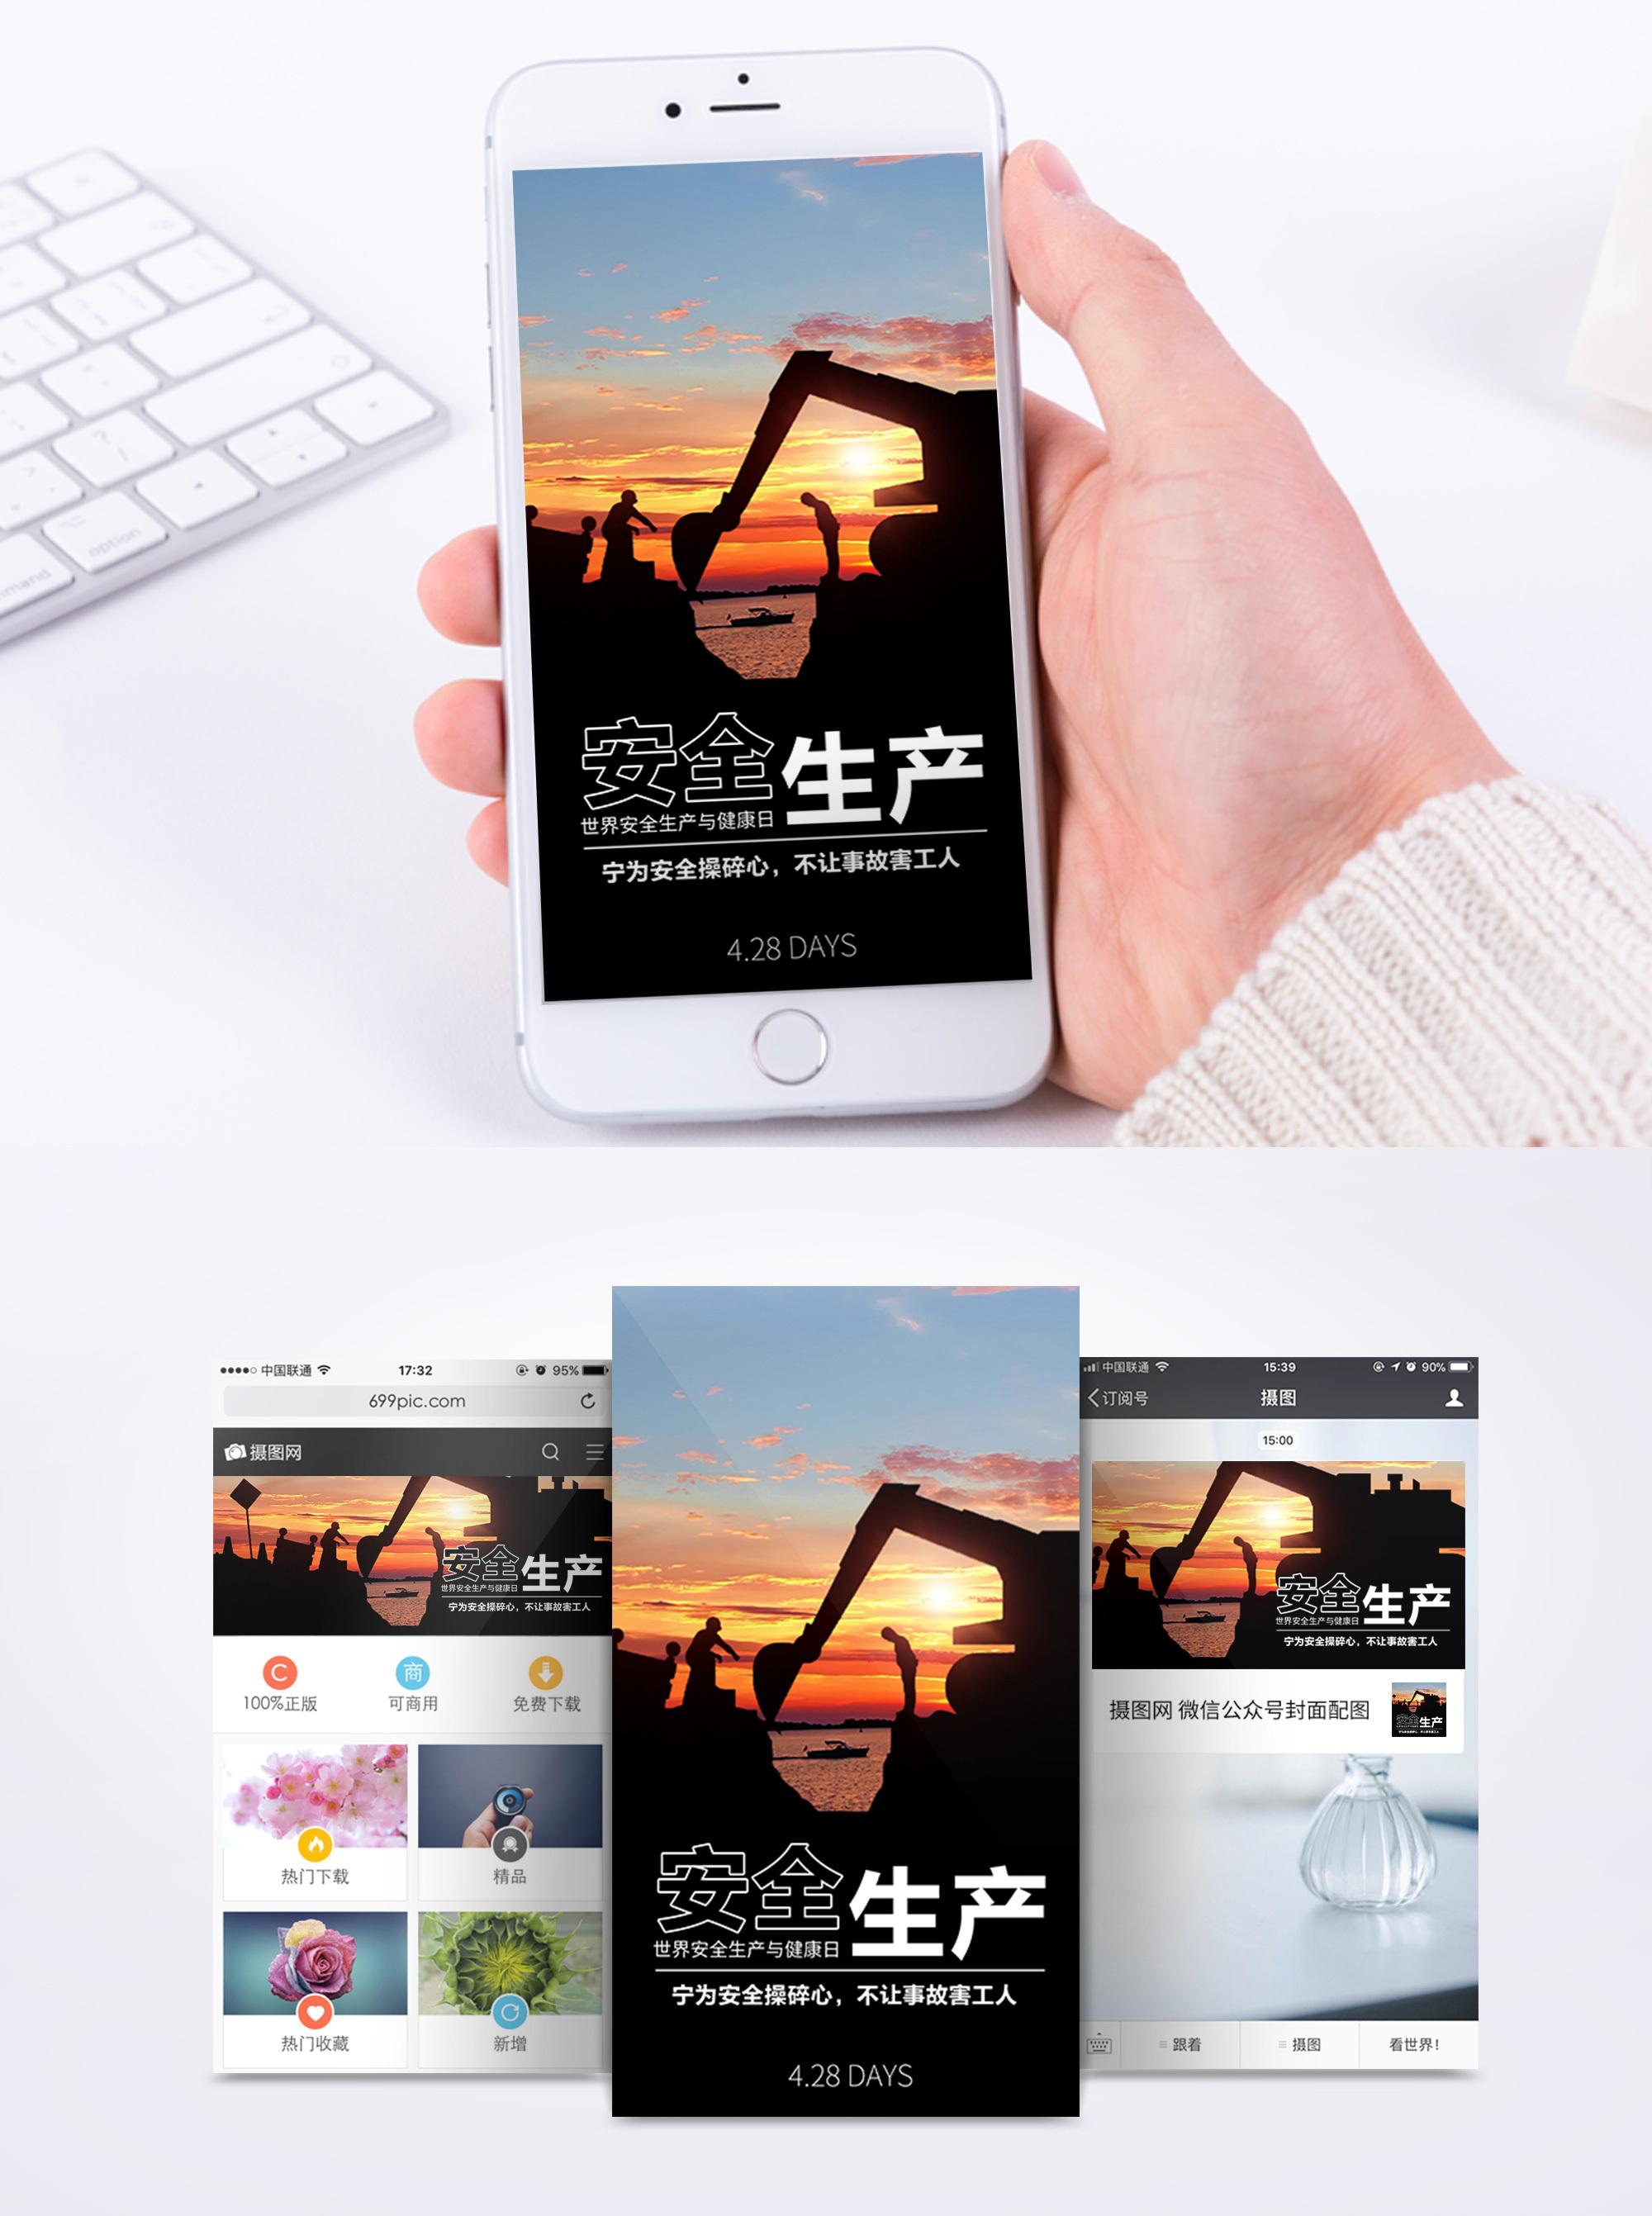 世界安全生产与健康日手机海报配图高清图片